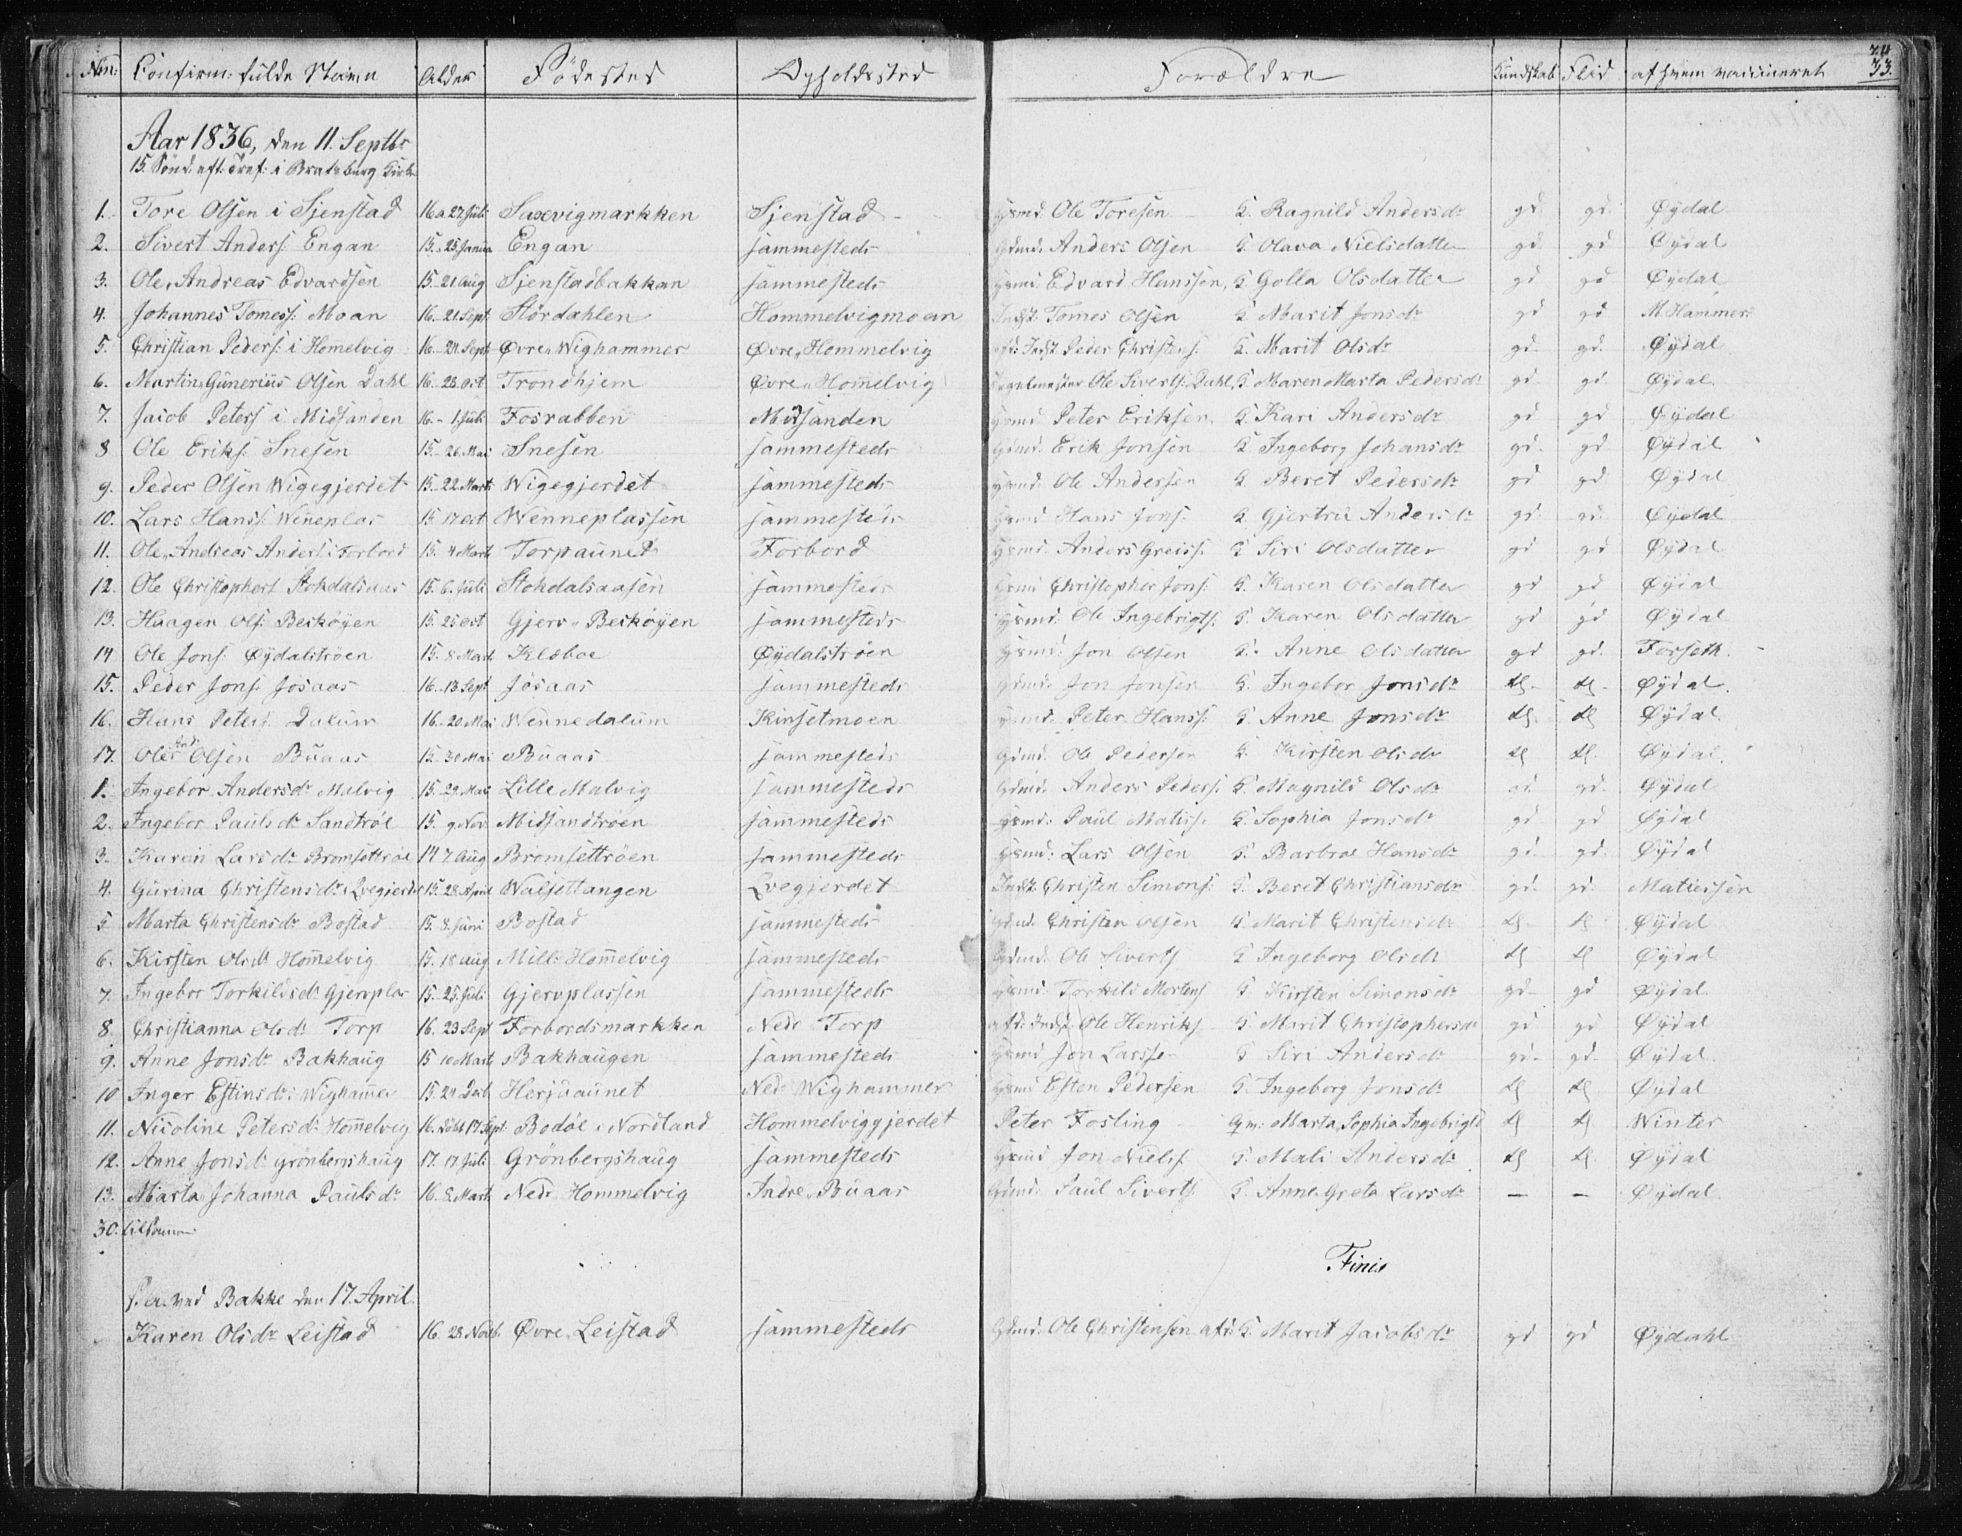 SAT, Ministerialprotokoller, klokkerbøker og fødselsregistre - Sør-Trøndelag, 616/L0405: Ministerialbok nr. 616A02, 1831-1842, s. 33